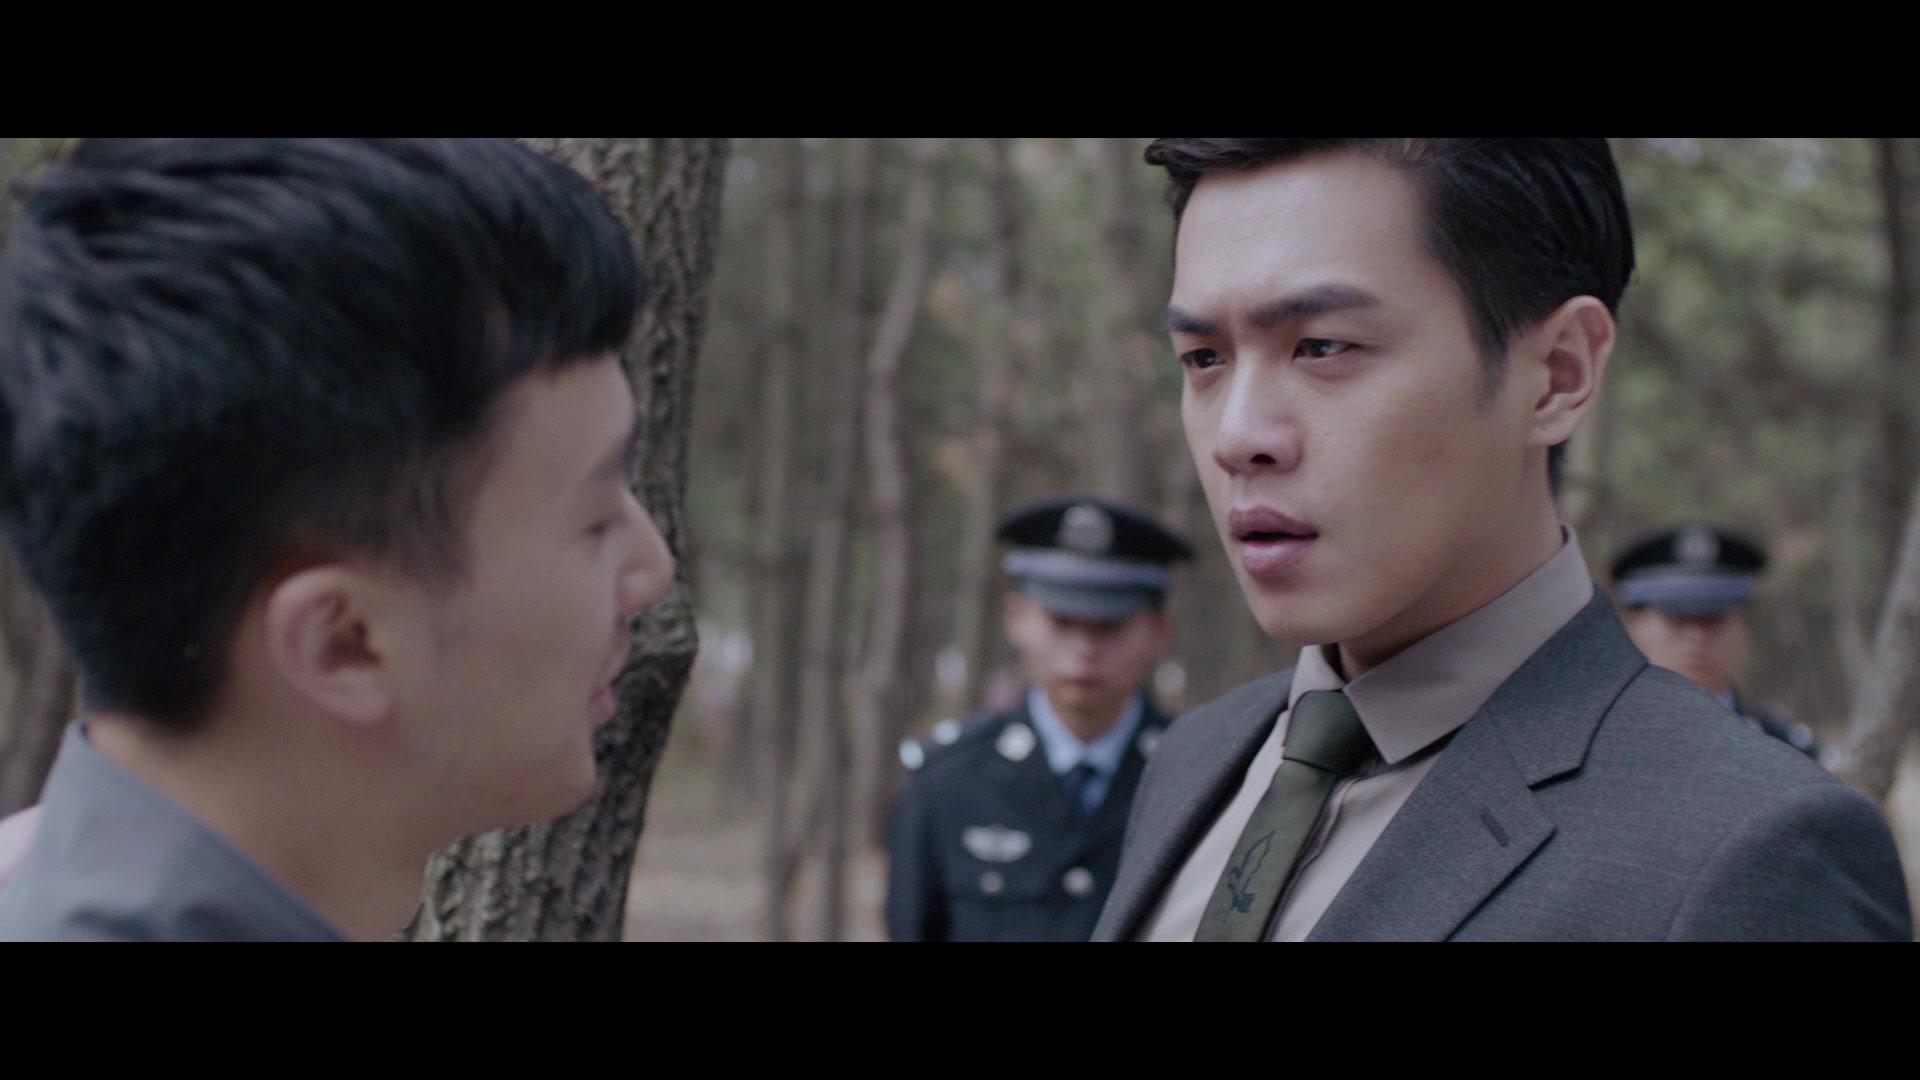 Medical Examiner: Dr. Qin Episode 5